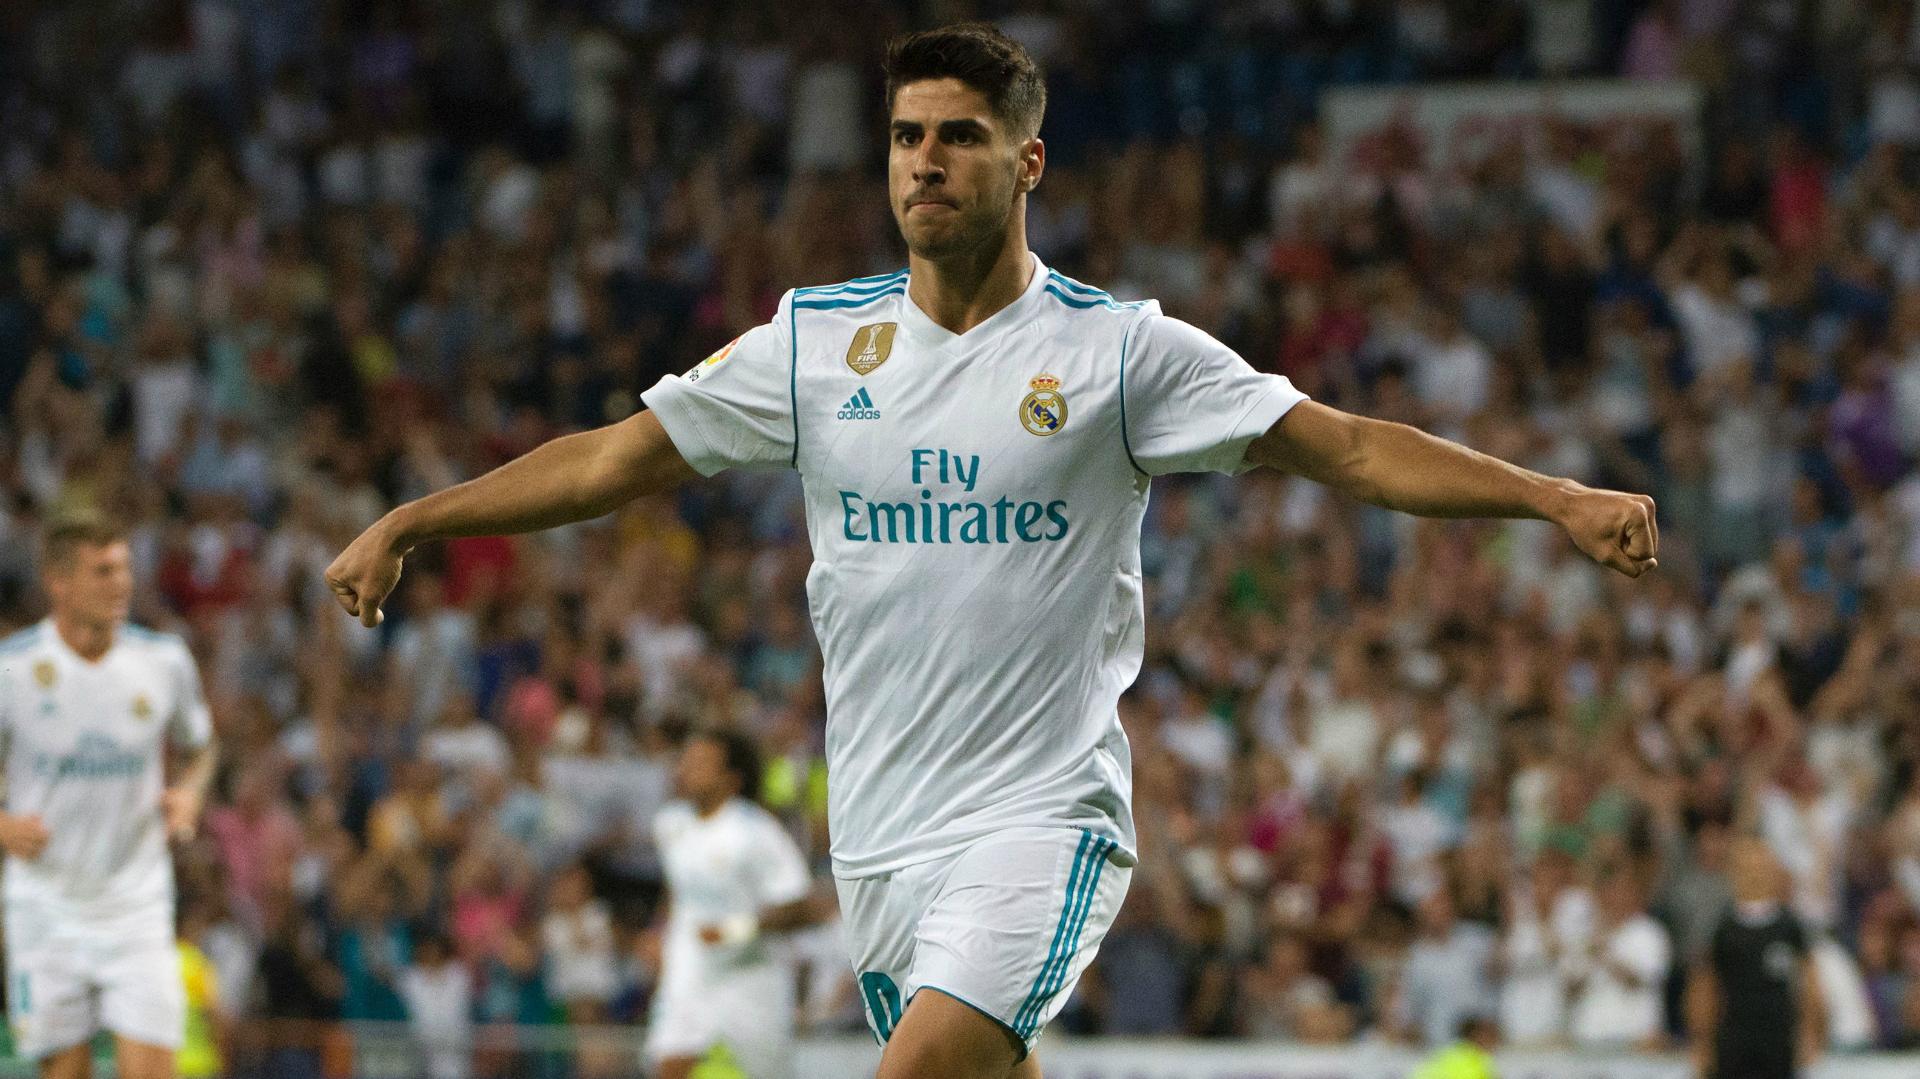 Điểm tin tối 09/12: M.U từ bỏ Bale, chọn Asensio; Lộ tân binh đầu tiên của Real - Bóng Đá